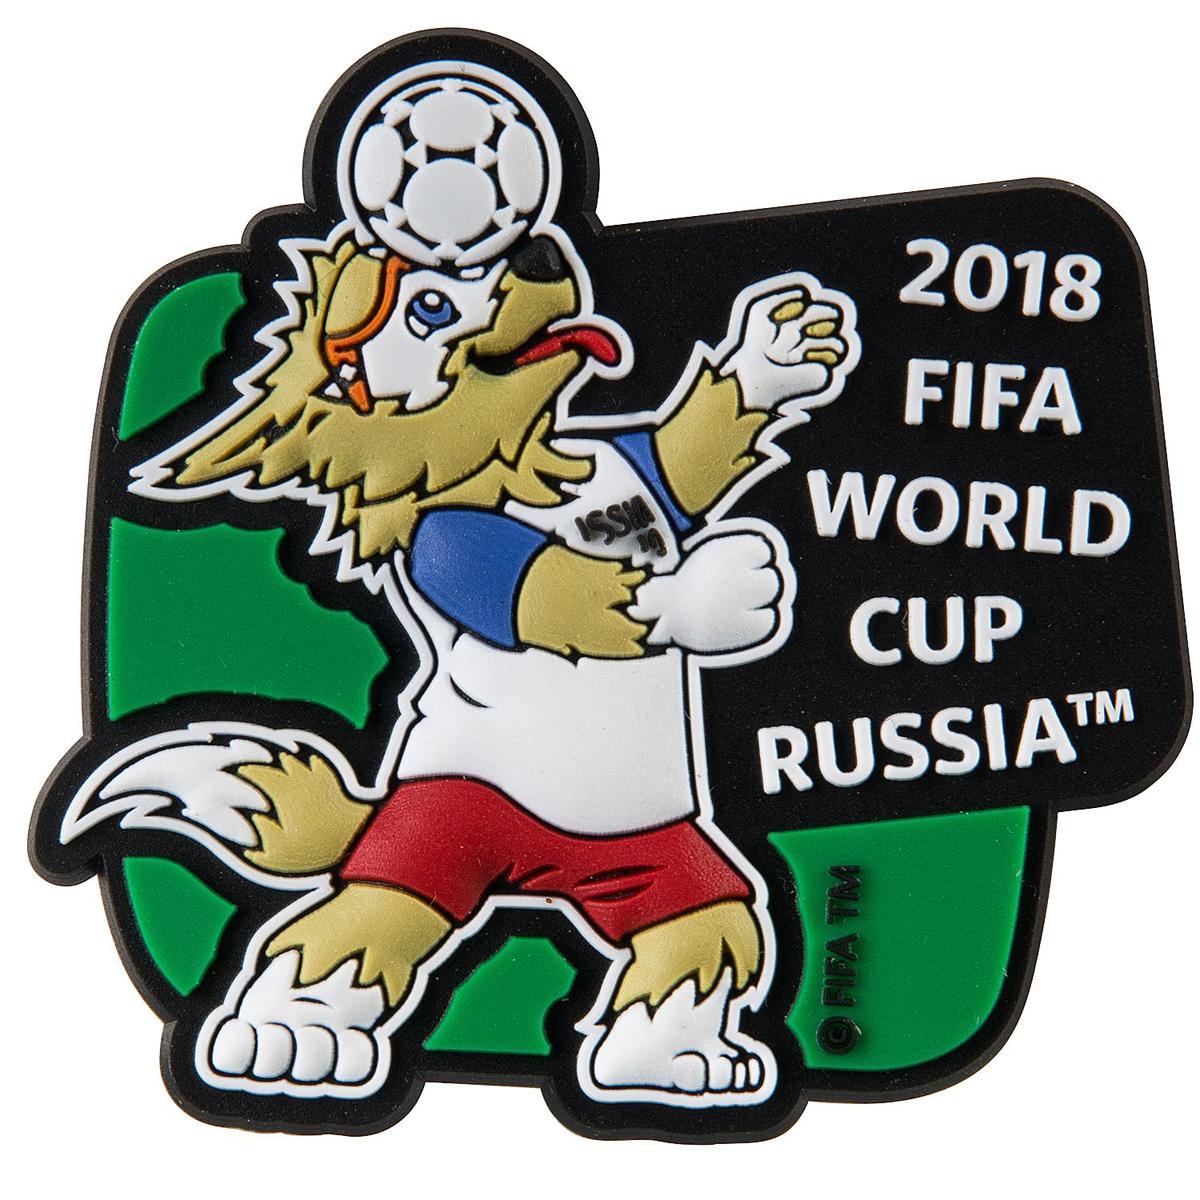 Магнит сувенирный FIFA 2018 Забивака Вперед!, 6 х 13 см. СН037 магнит fifa 2018 забивака фристайл полистоун сн026